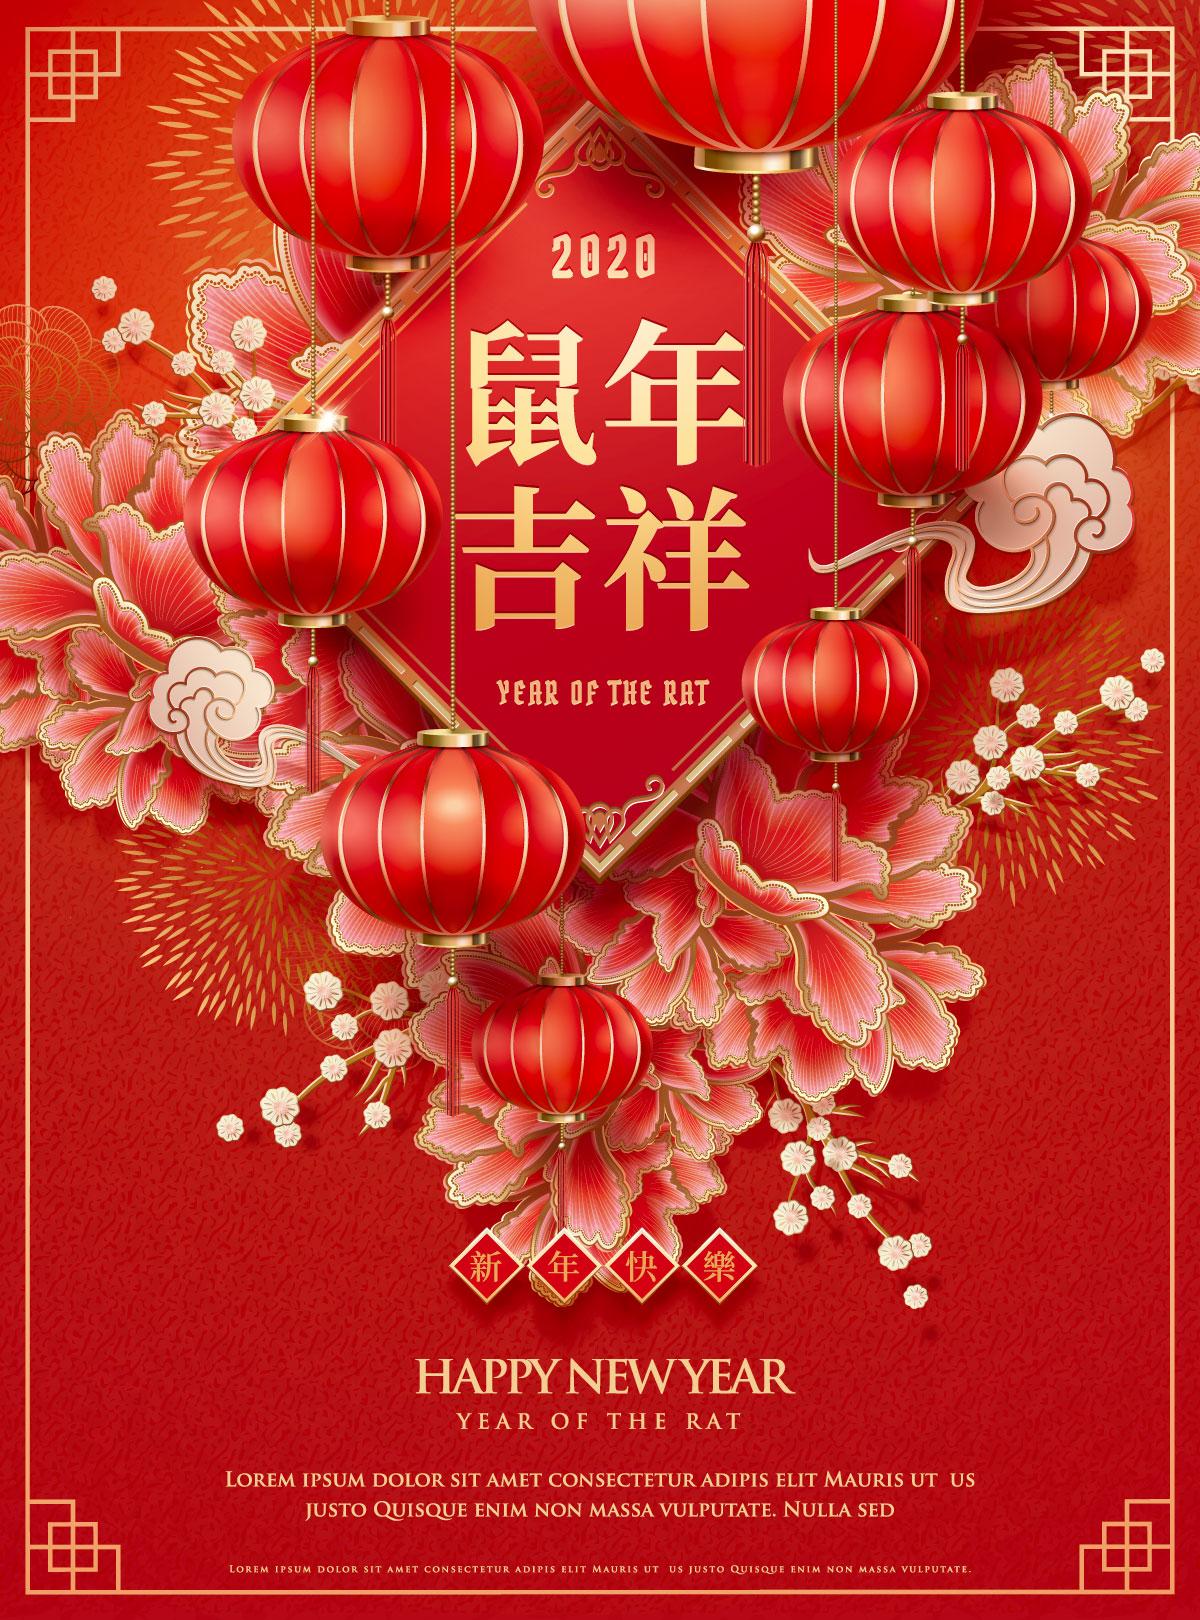 2020新年农历鼠年海报贺卡设计矢量素材 Happy Year Of The Rat Paper Art插图(2)